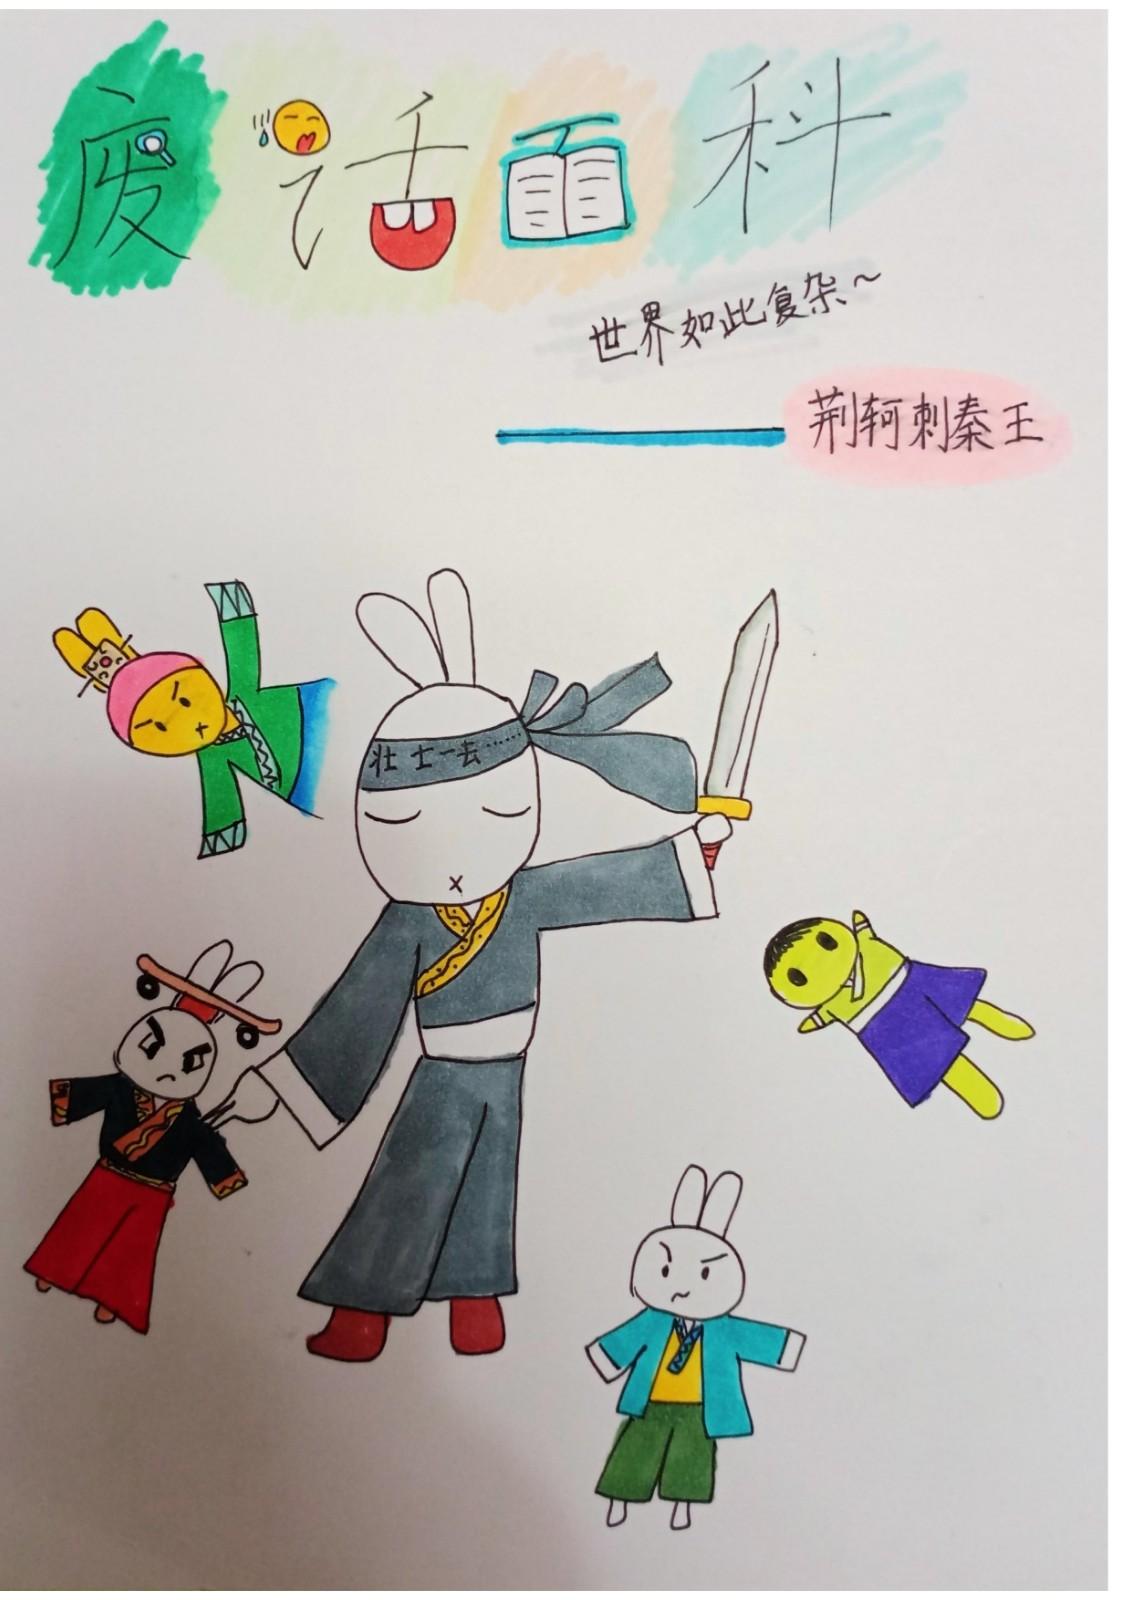 兒童故事簡筆畫繪本圖片原創:《荊軻刺秦王》李卓函